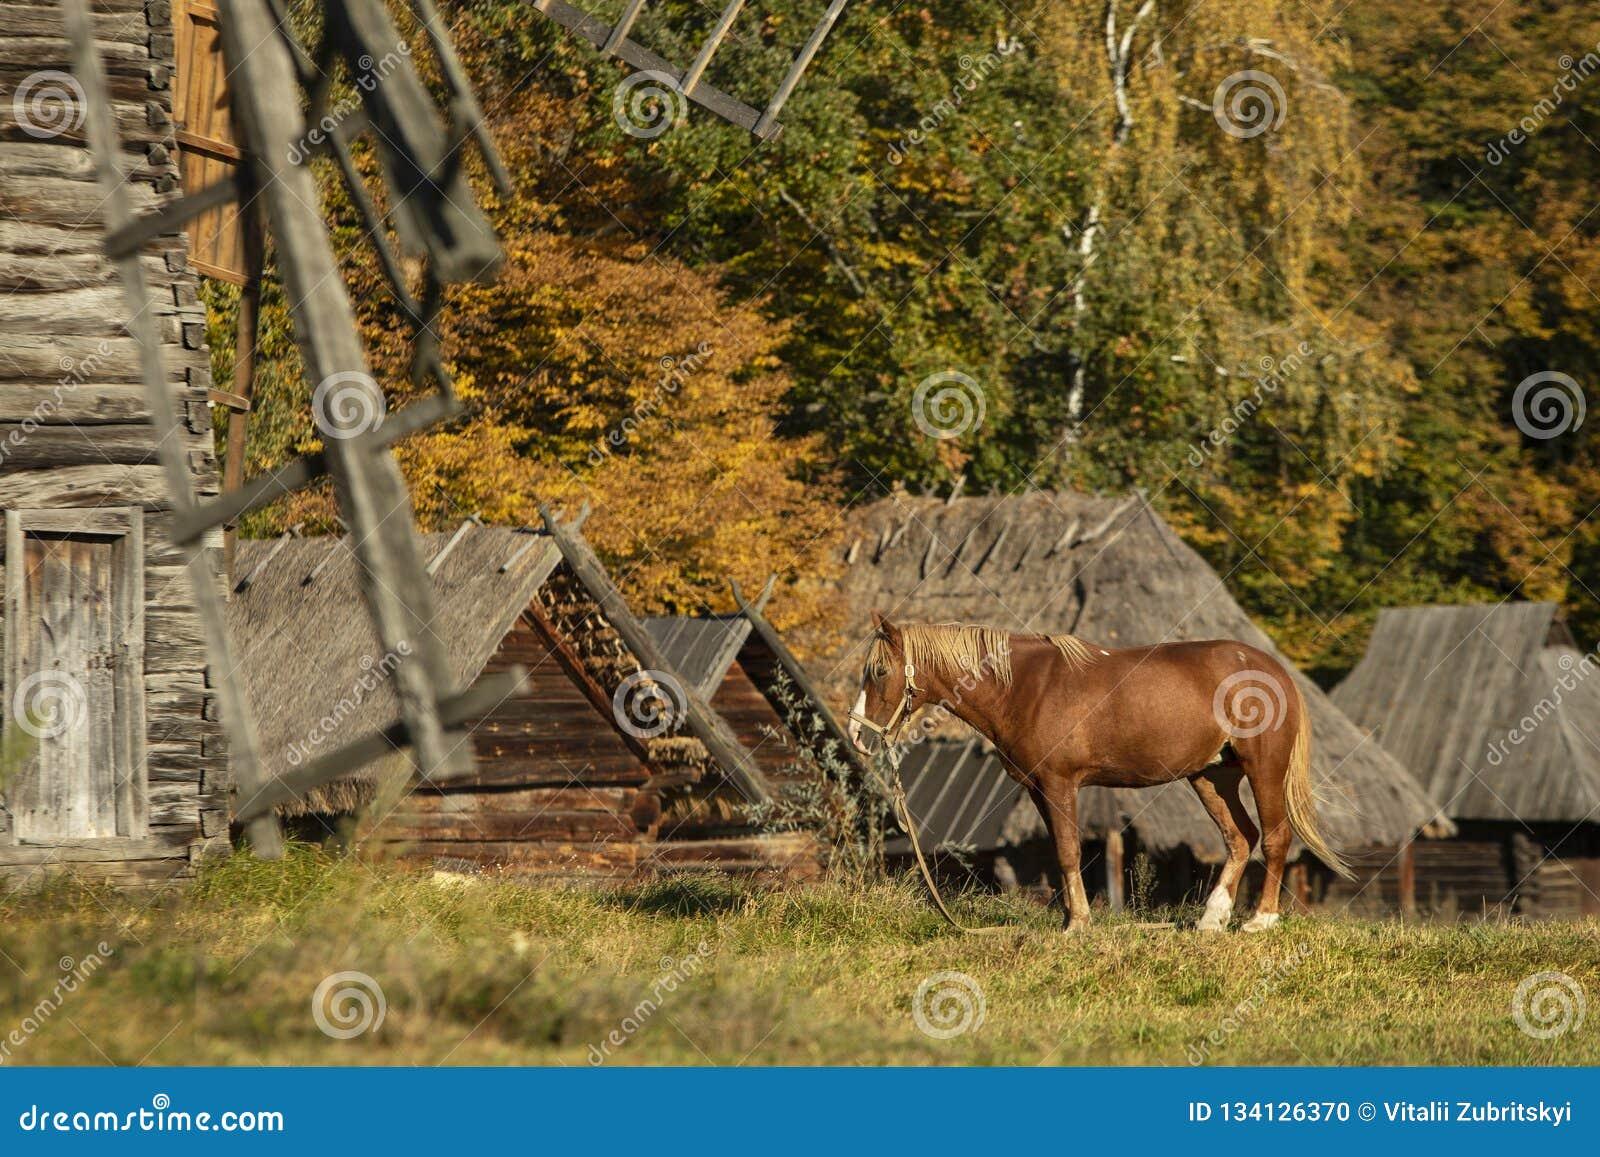 Red Horse in Autumn Village